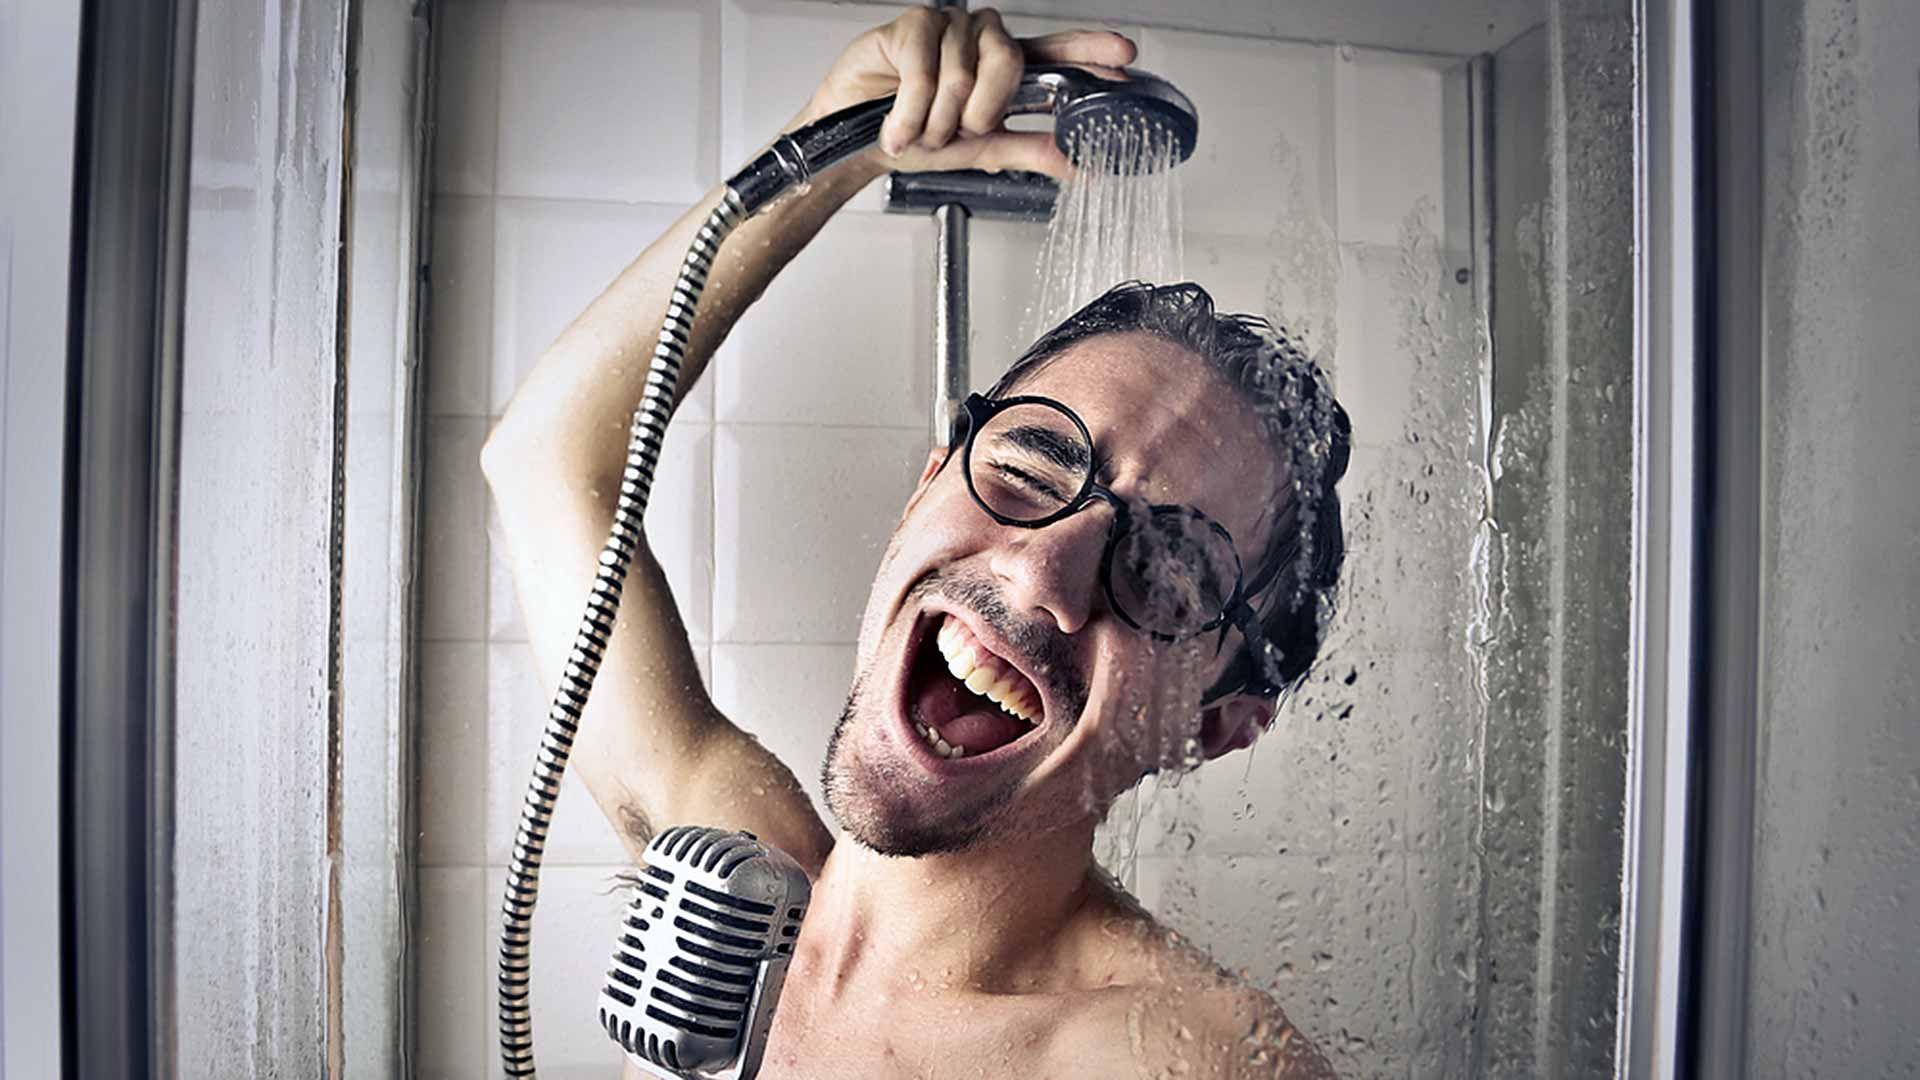 Shower wallpaper photo full hd